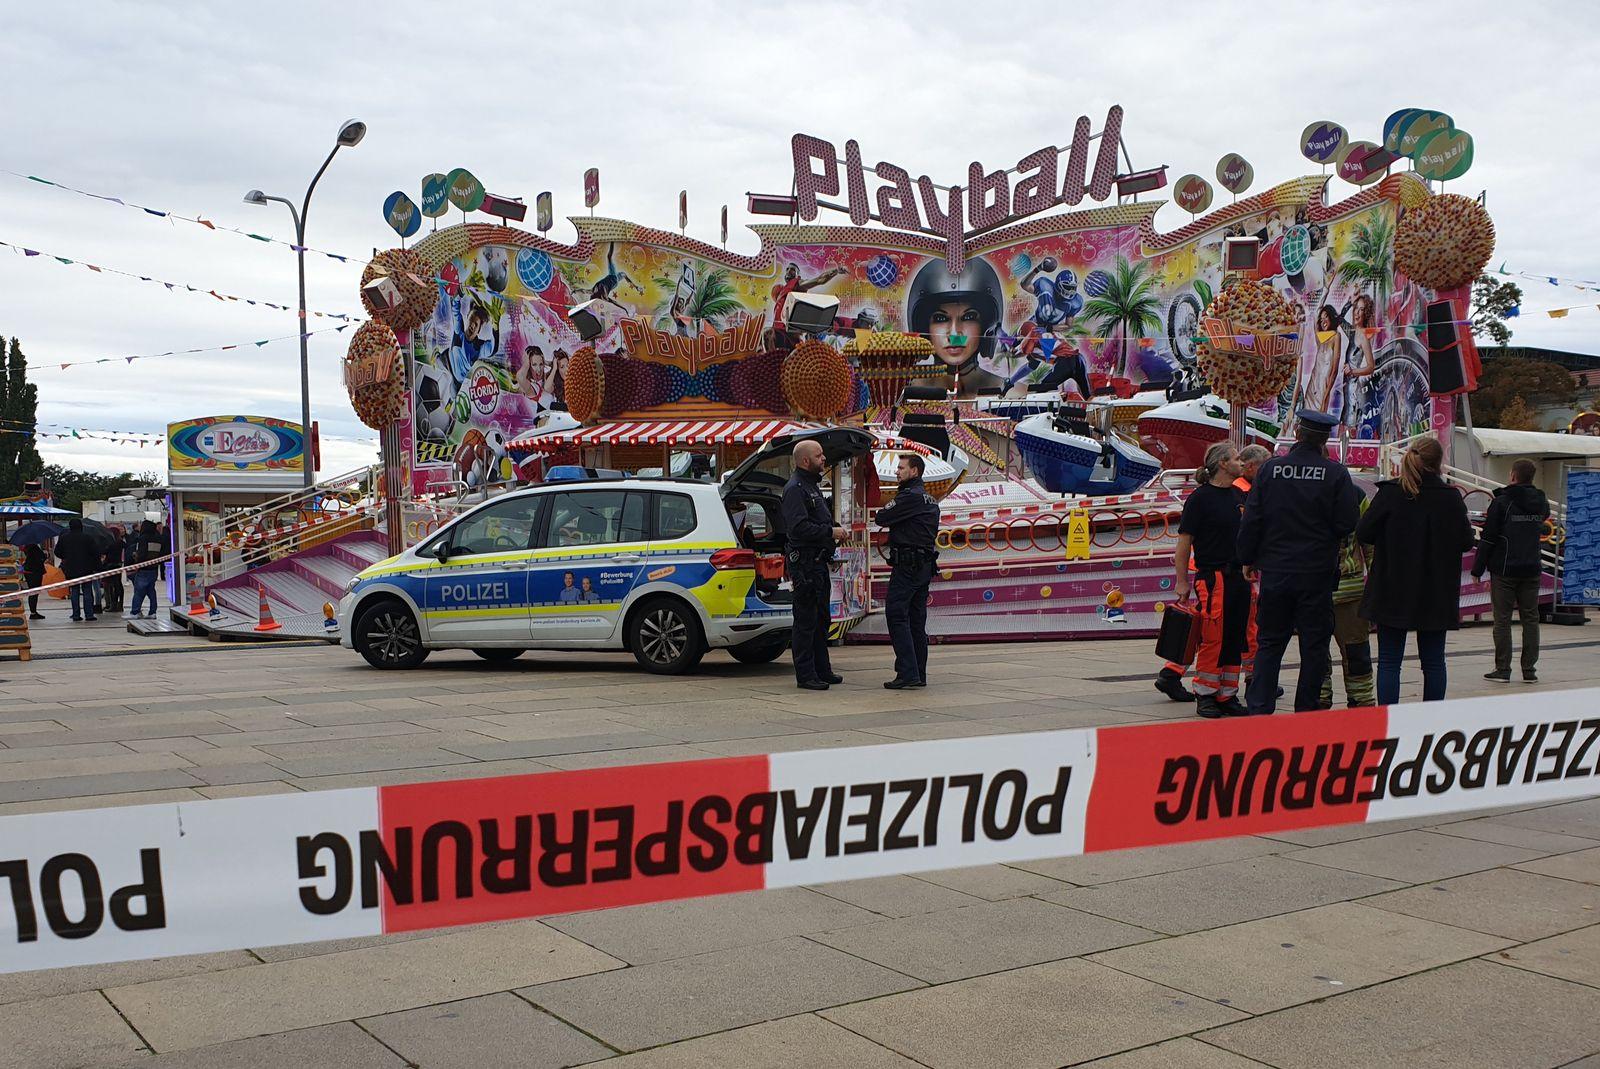 Tödliches Unglück bei Fest in Potsdam